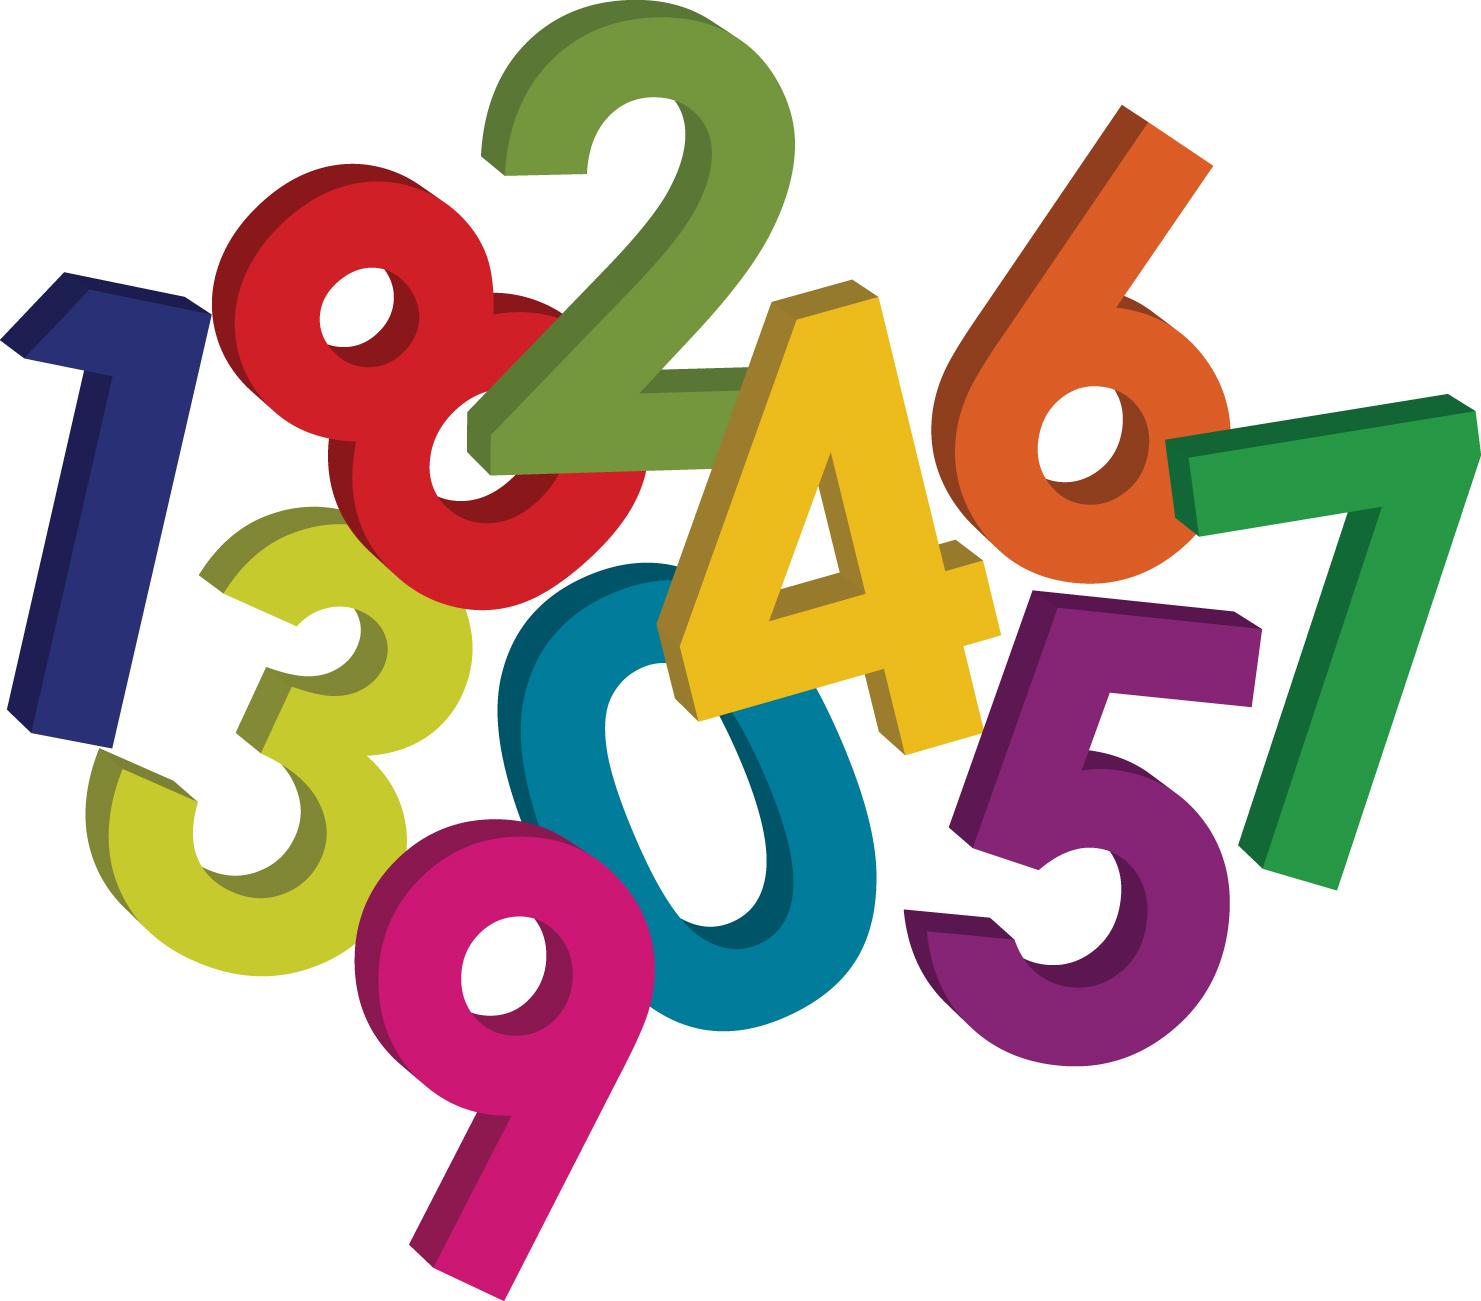 Sneak Peek Maths Graphics   Maths Matters Resources